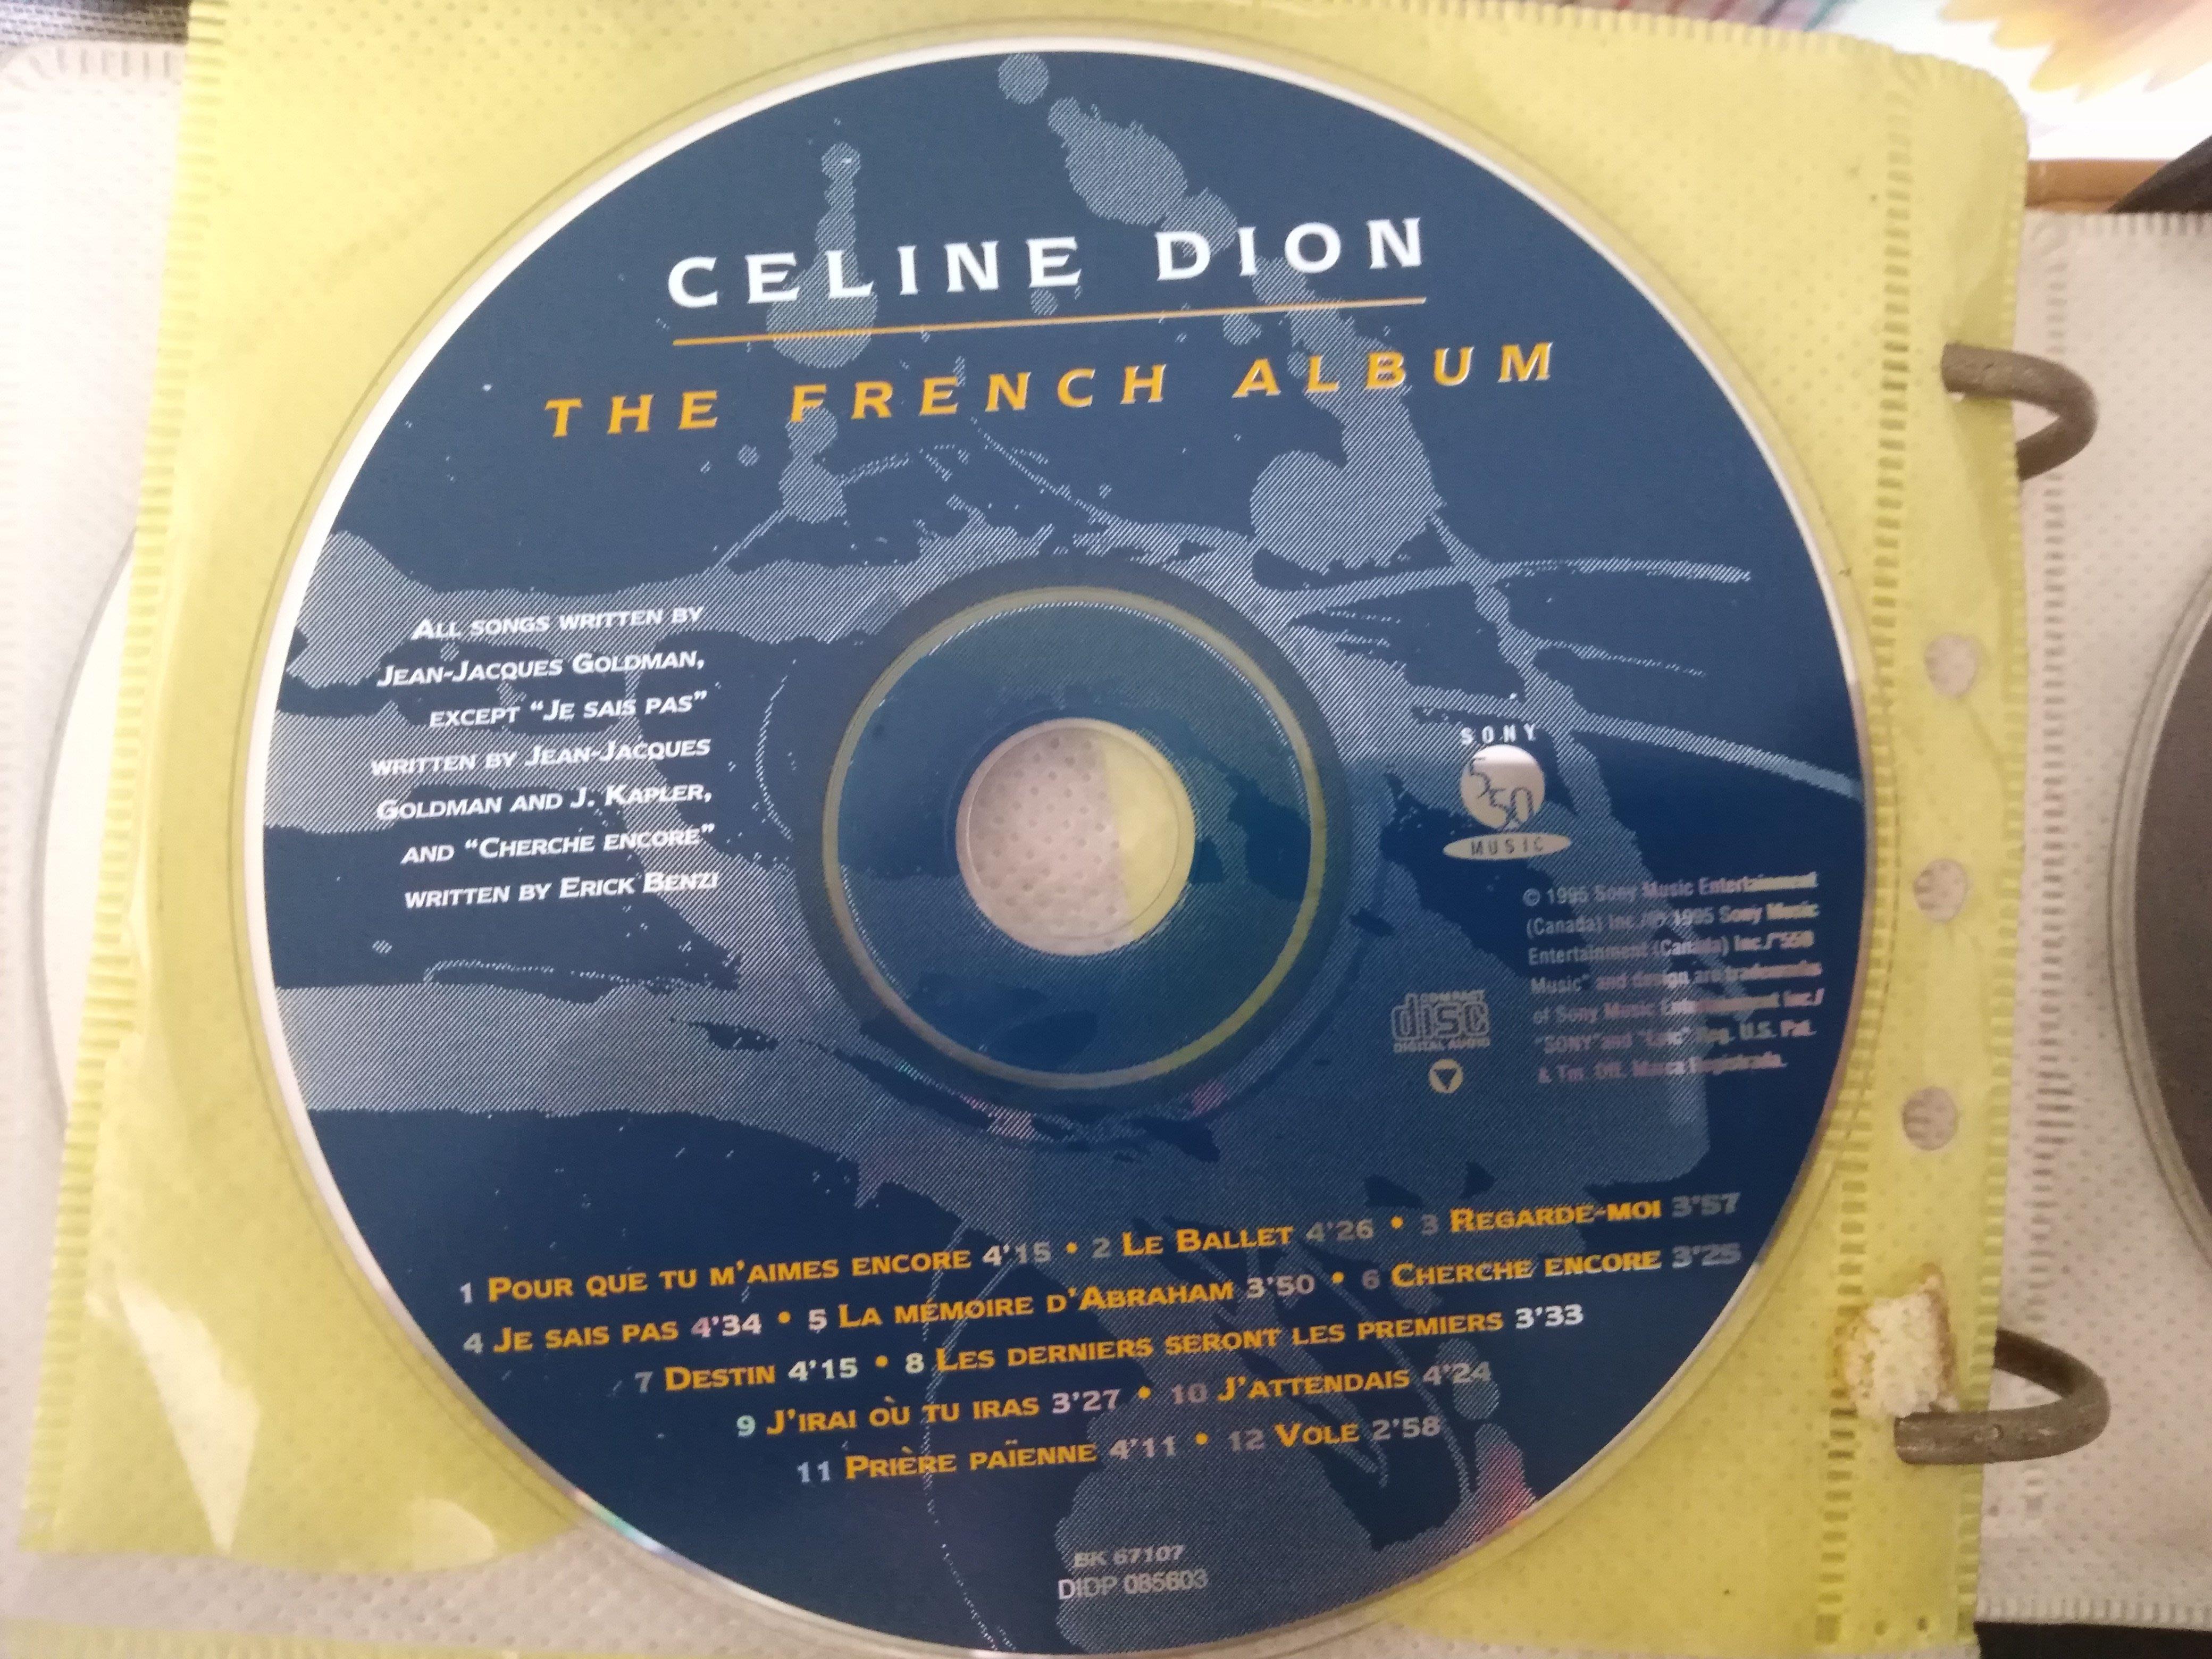 二手CD裸片 ~席琳狄翁CelineDio(法文專輯) CD 有一點點細紋,不影響音質